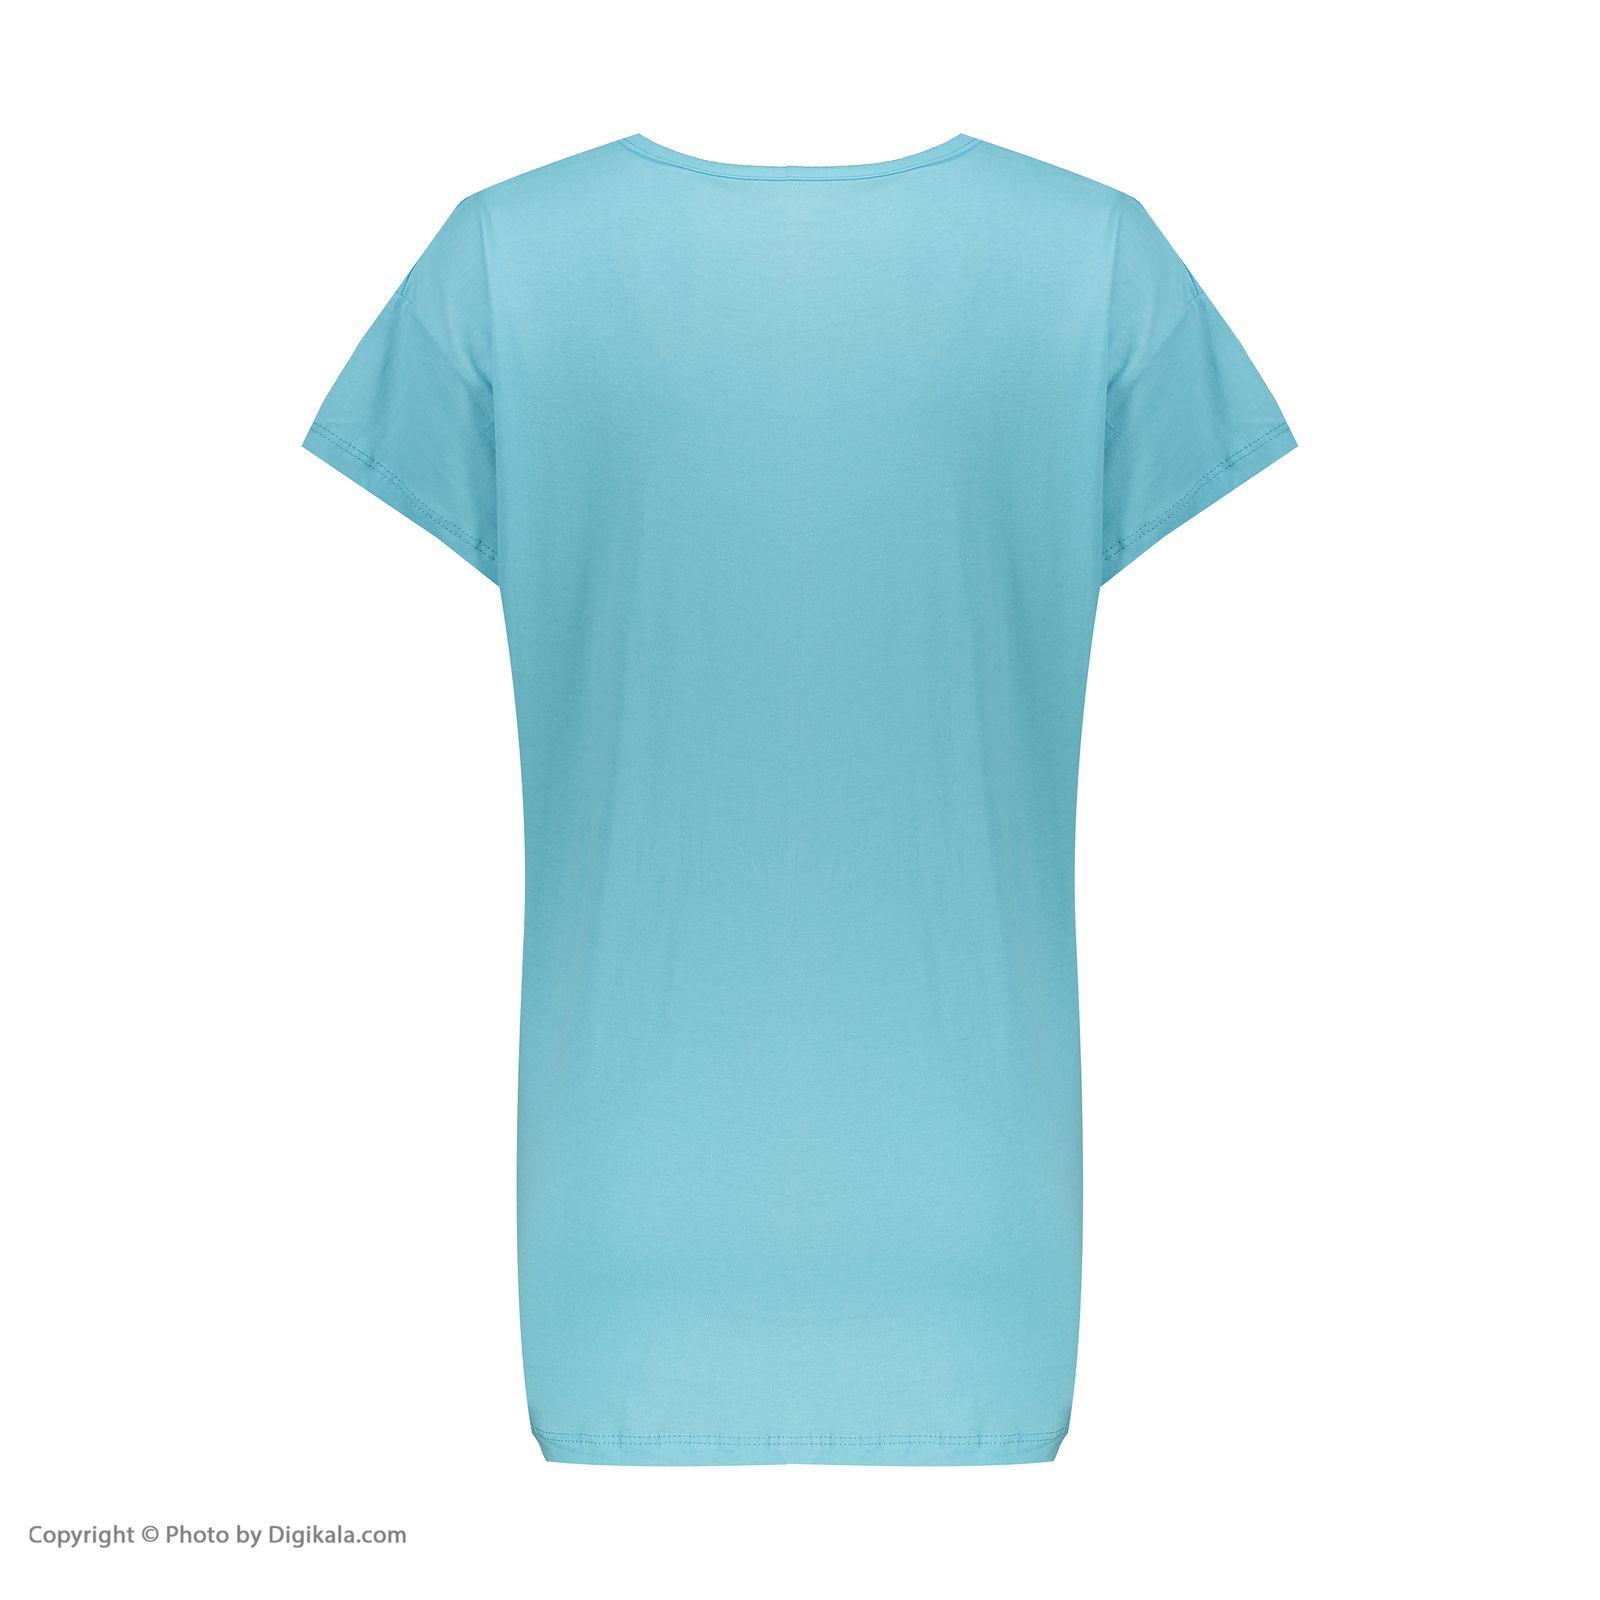 تی شرت آستین کوتاه زنانهفمیلی ورطرح دختر و پیزا کد 0162 رنگ آبی روشن -  - 4